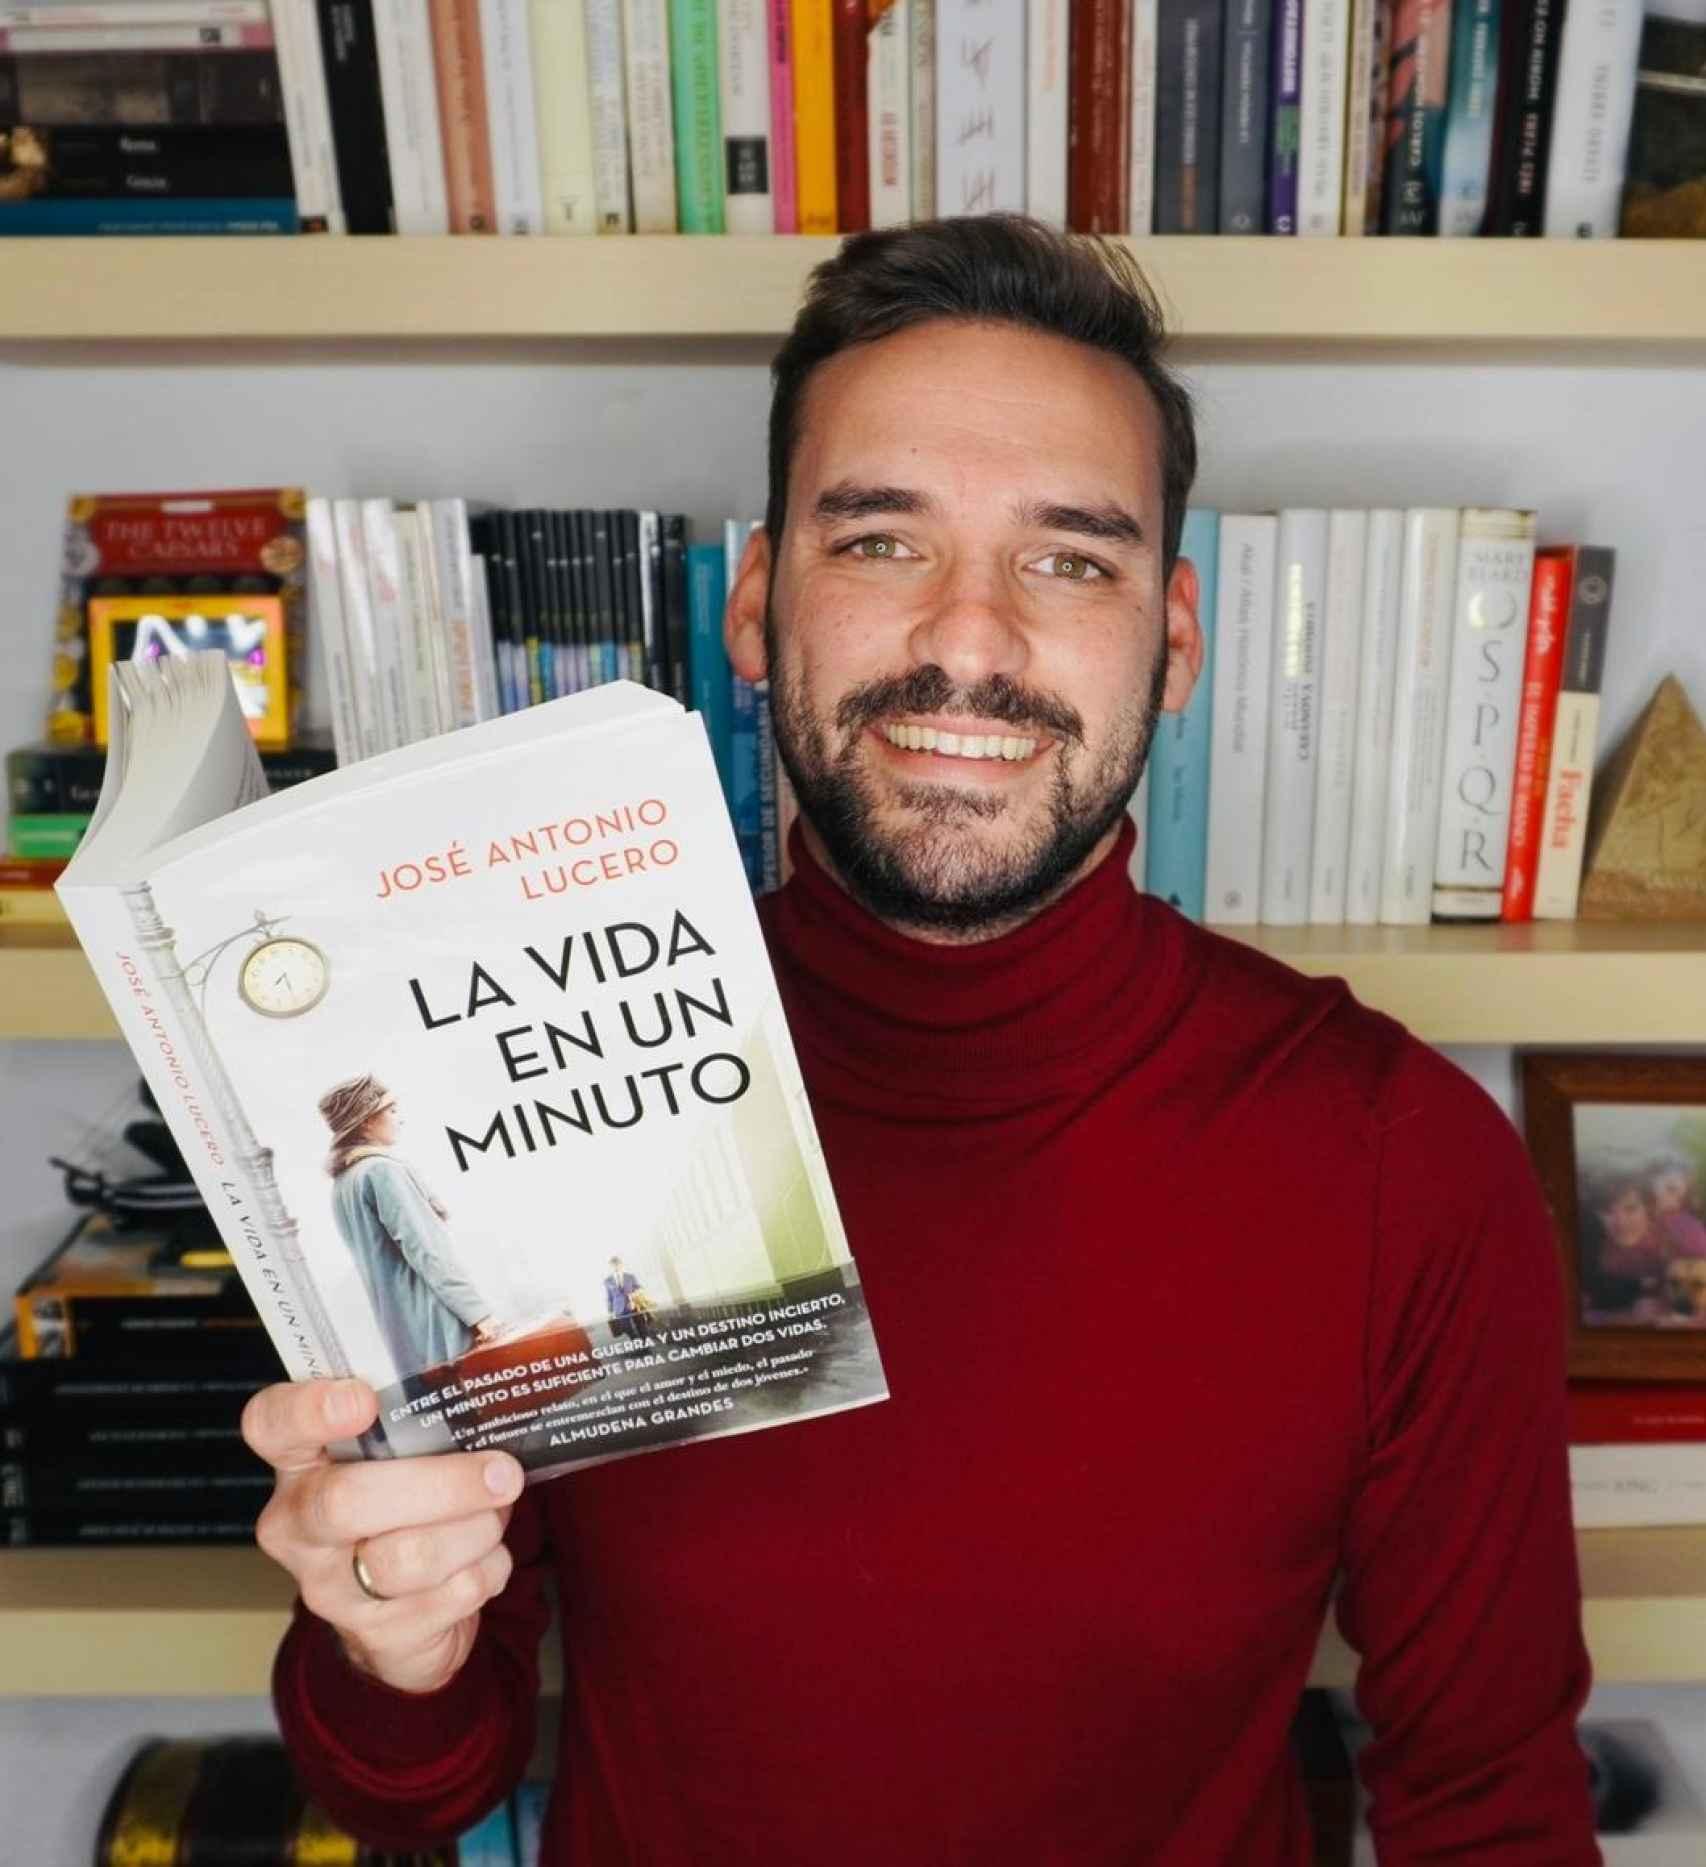 José Antonio Lucero posa con 'La vida en un minuto'.